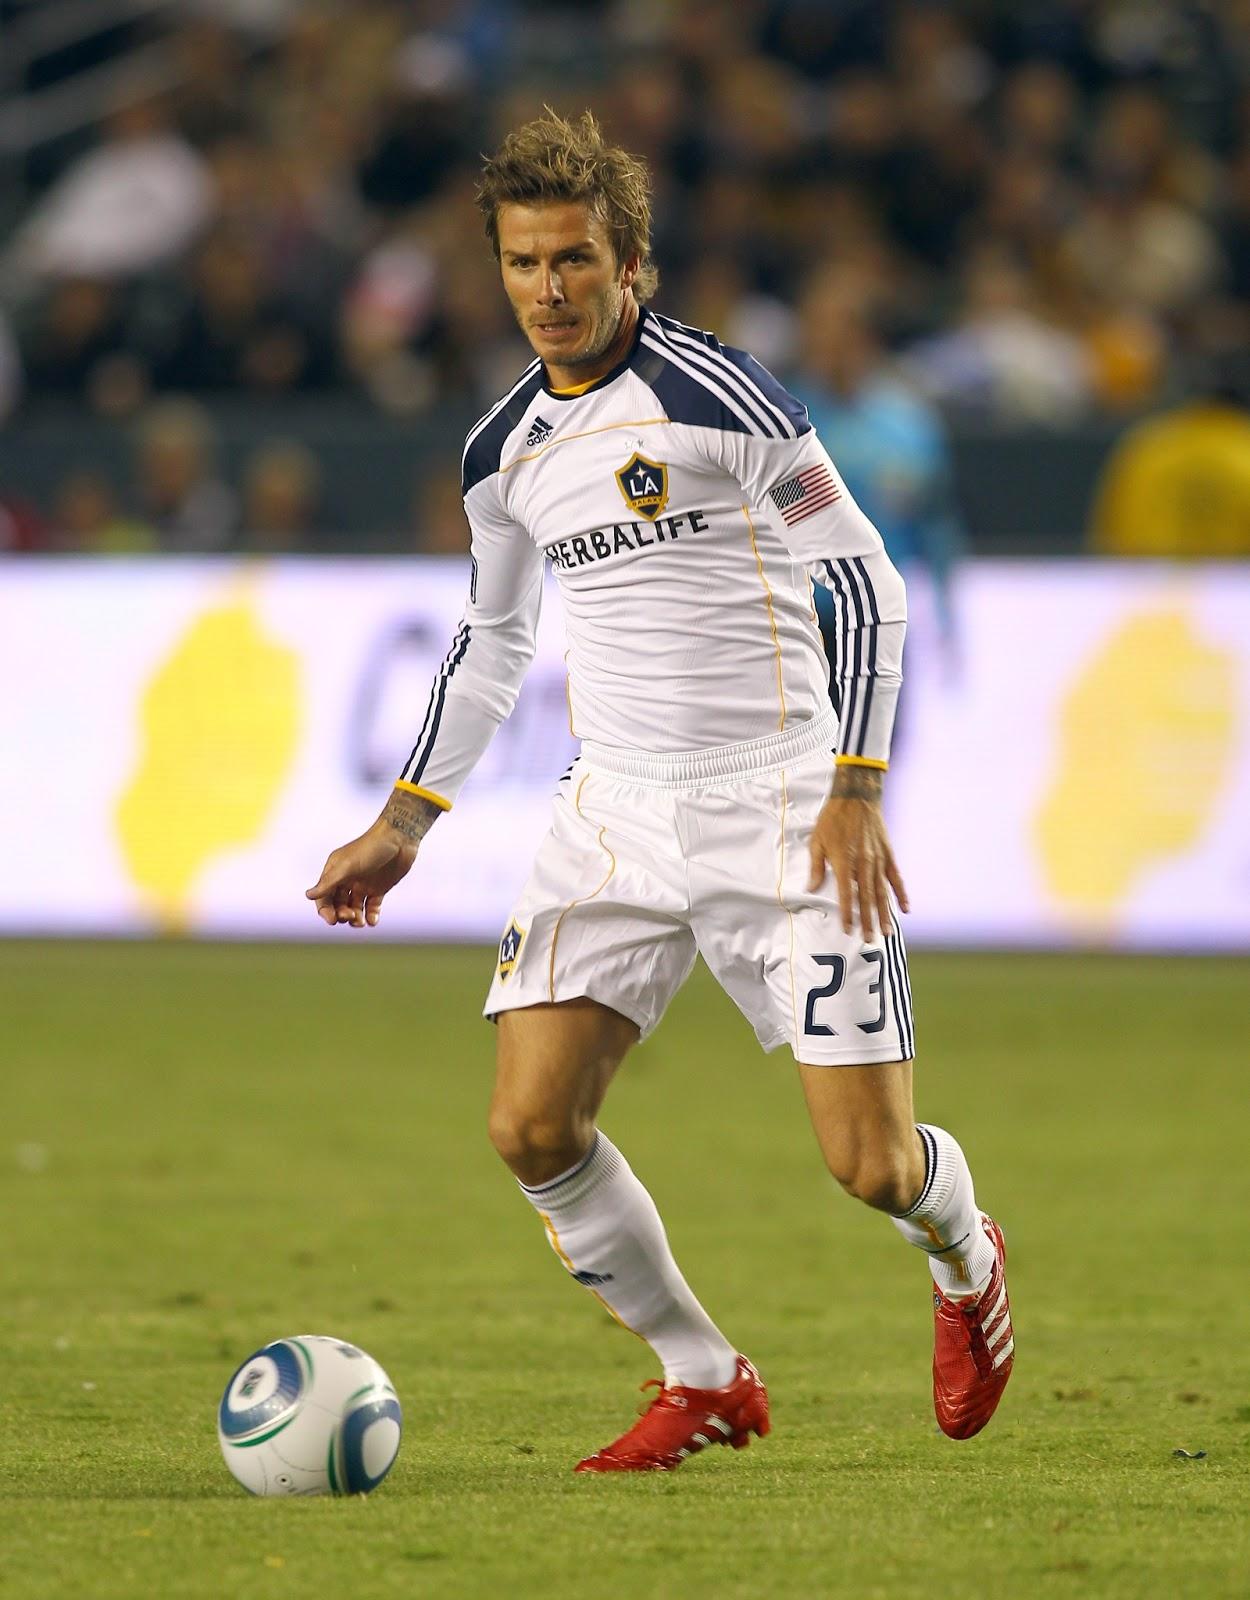 David Beckham Free Kick Wallpaper